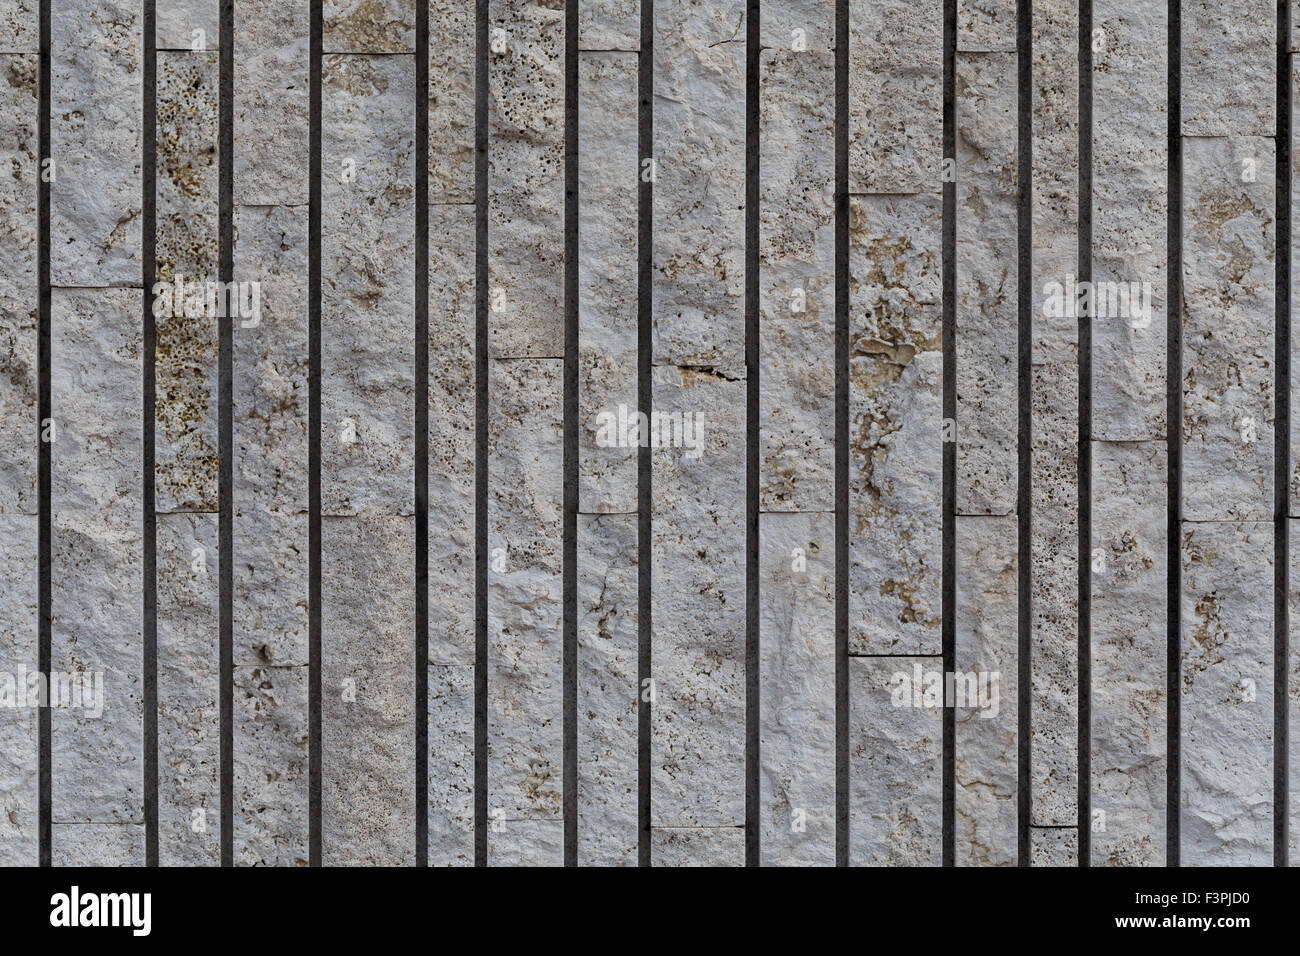 Granit Stein Grau Dekorative Ziegel Wand Nahtlose Hintergrundtextur